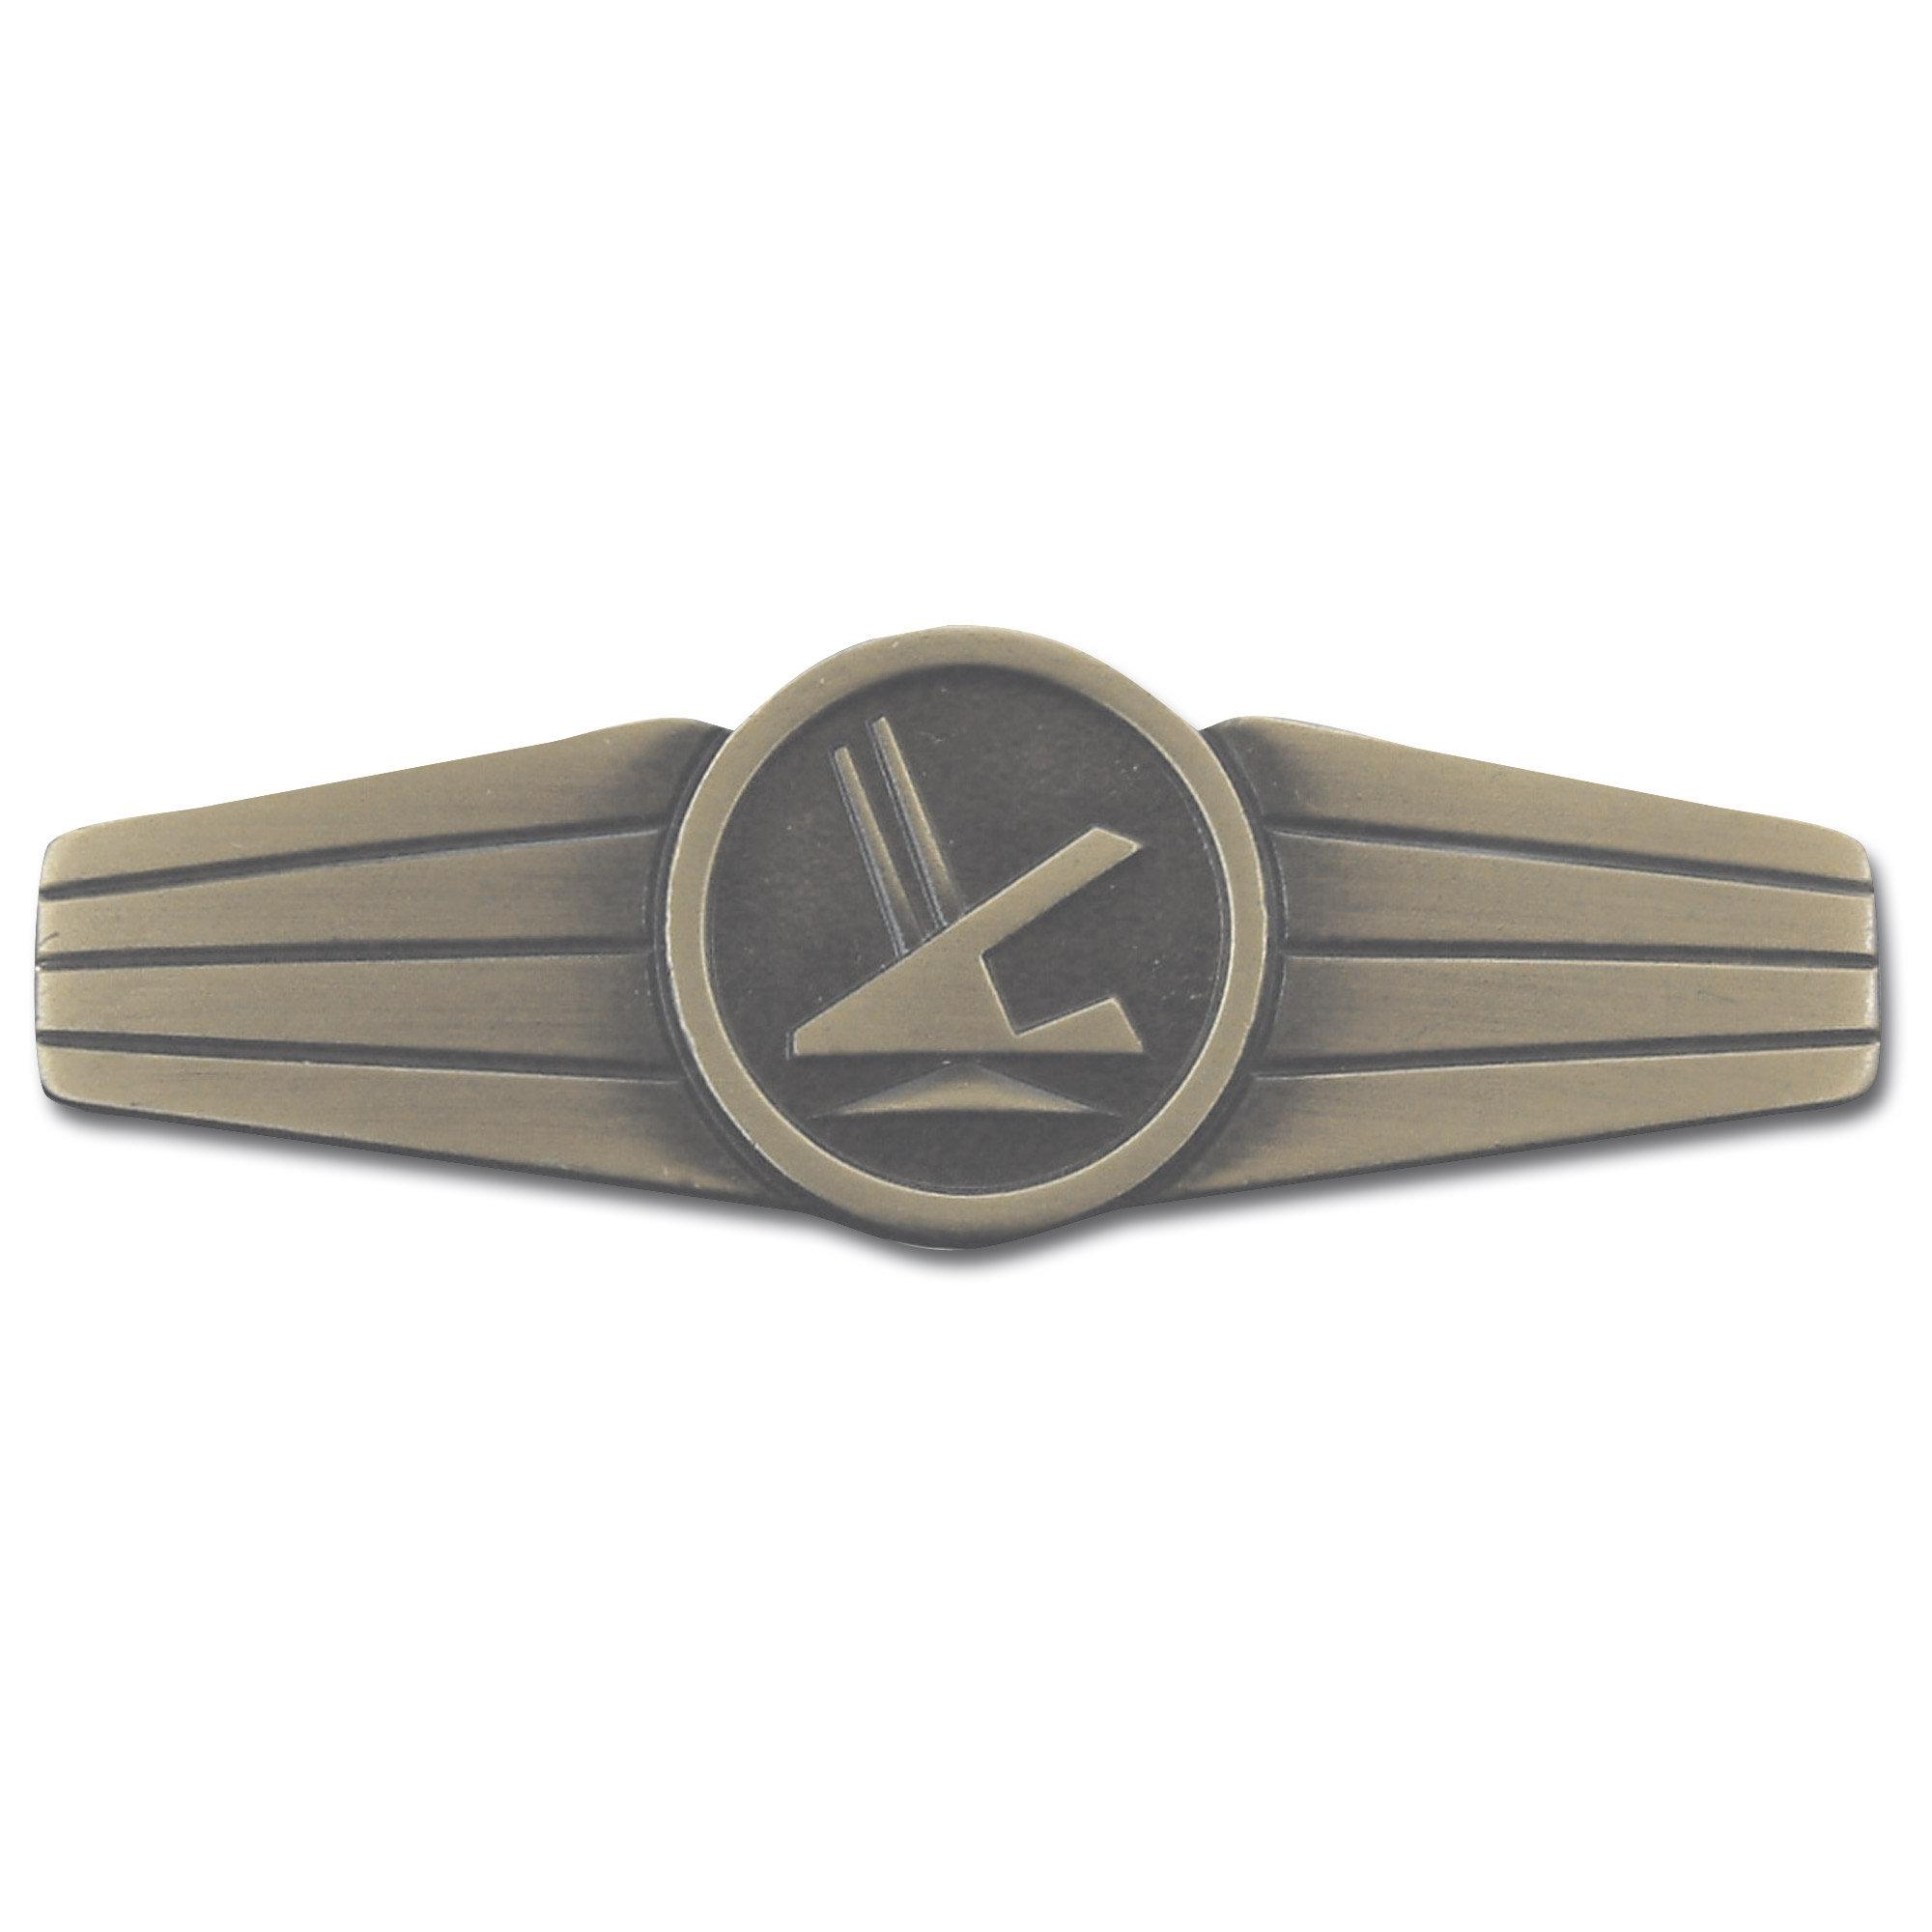 Distintivo BW personal de seguridad metálico bronce (viejo)